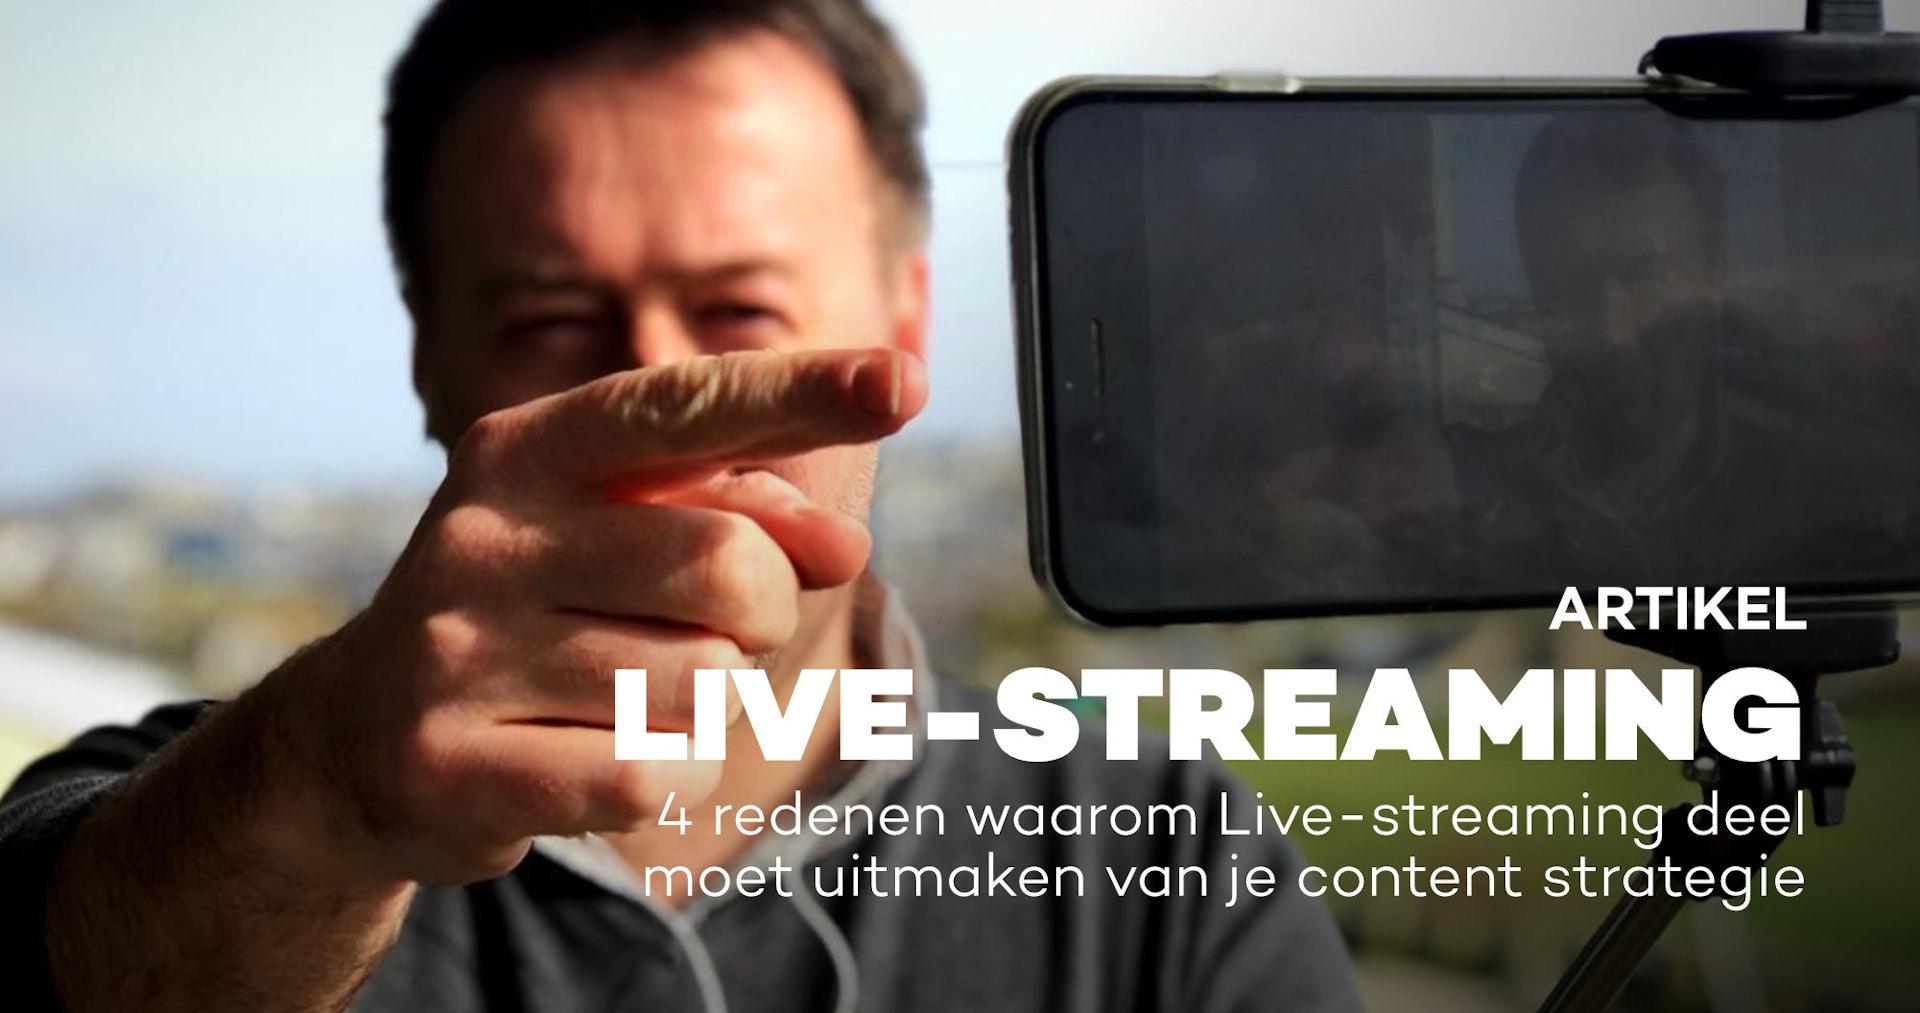 4 redenen waarom Live-streaming deel moet uitmaken van je content strategie